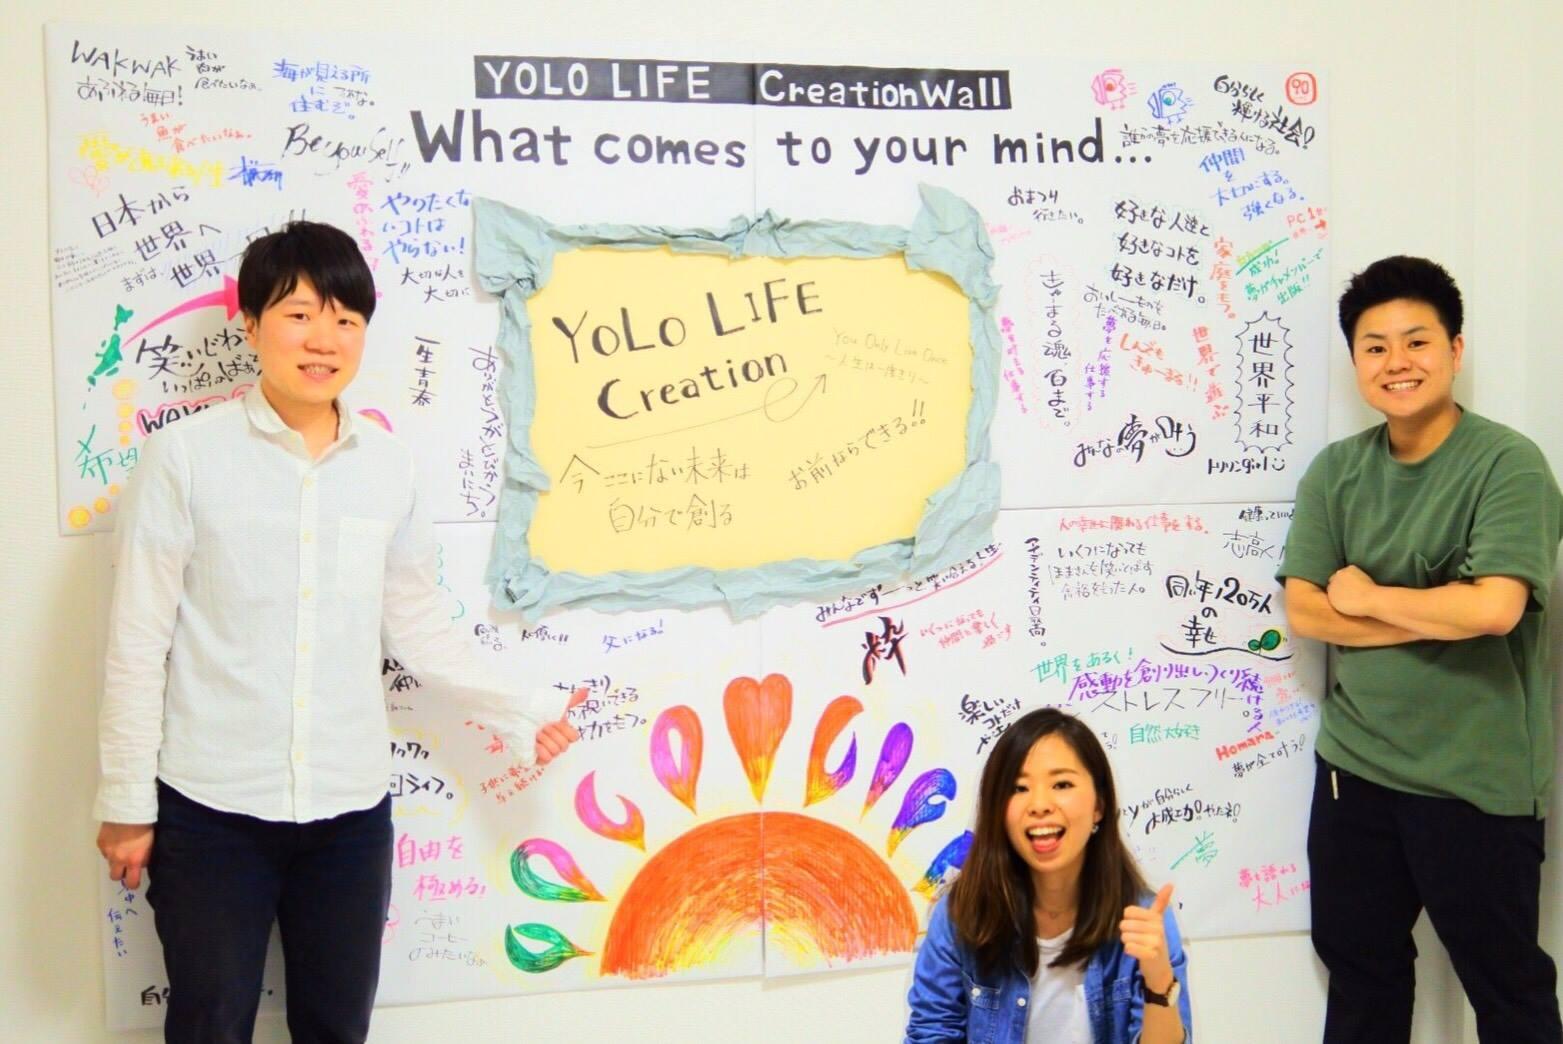 YOLO Life Creators